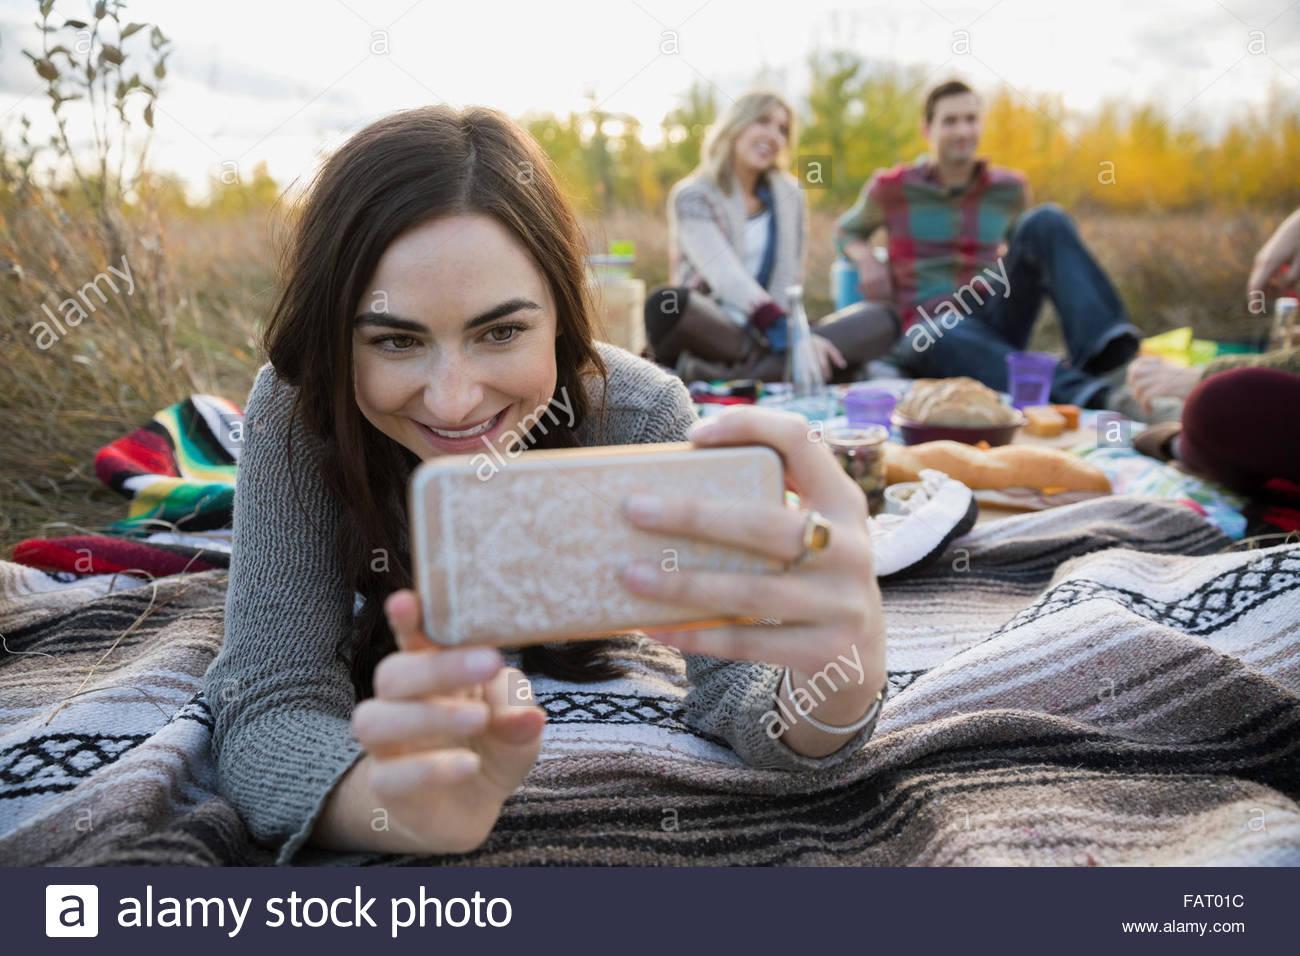 Junge Frau, die die Selfie auf der Picknickdecke im Feld Stockfoto